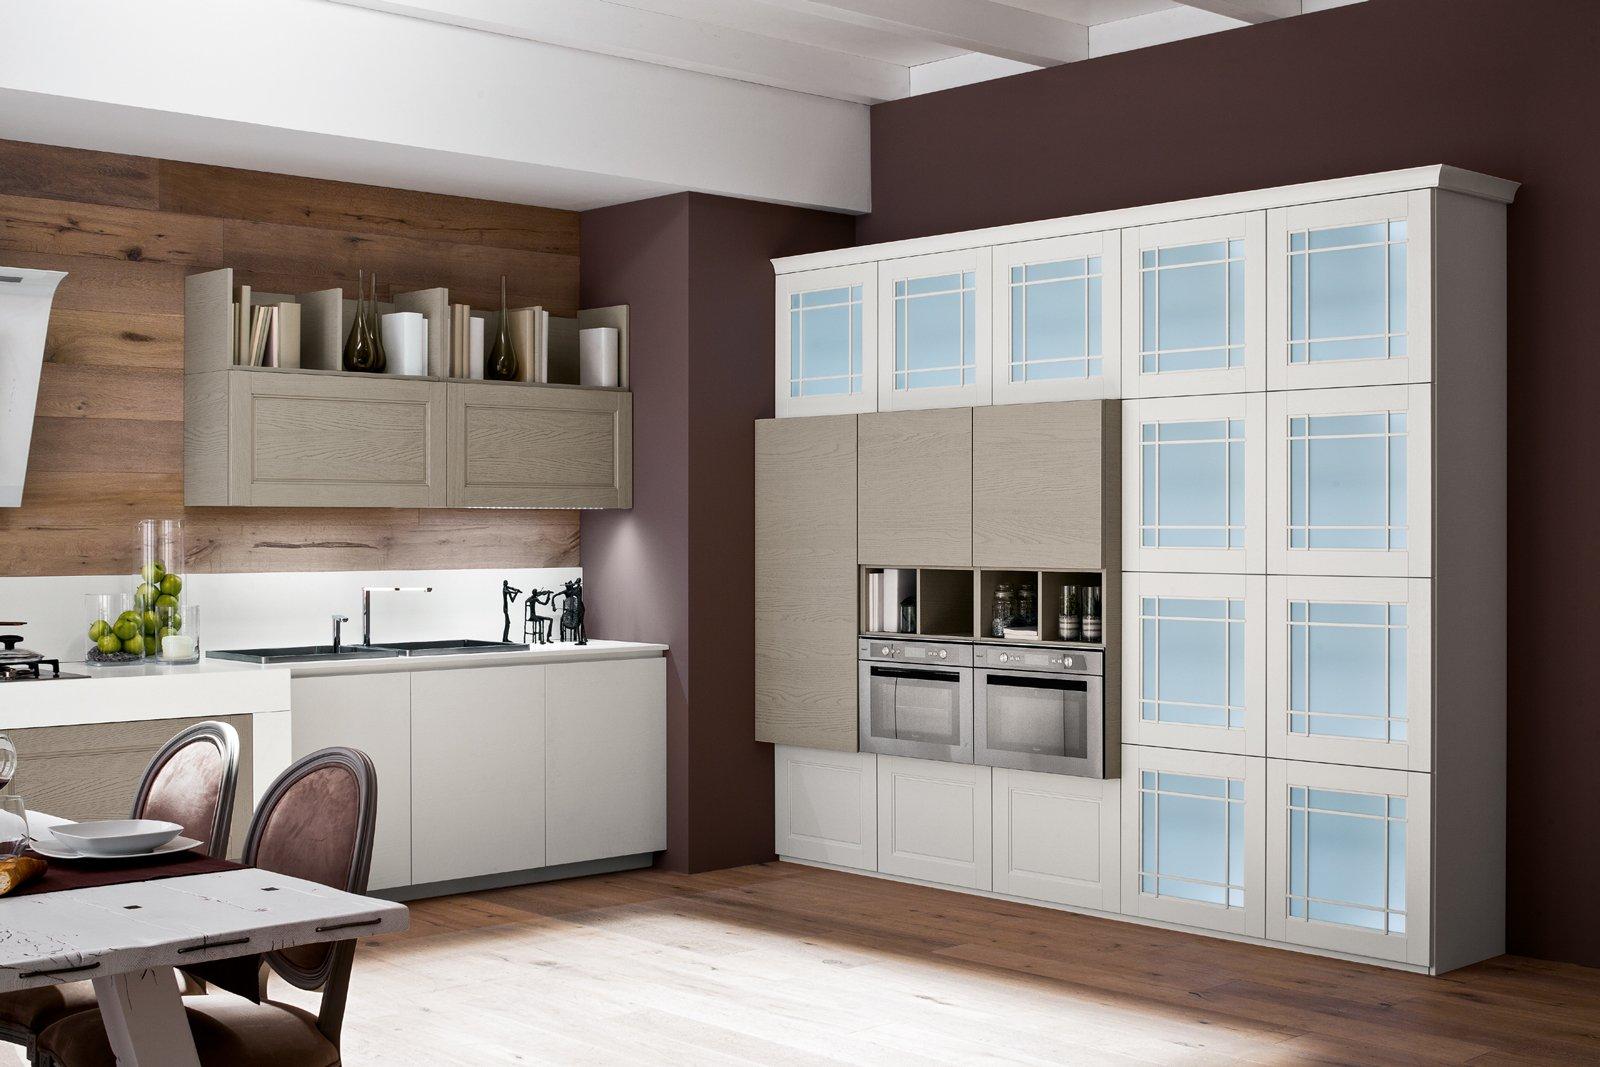 Credenza Con Vetrina Per Cucina : Cucina con vetrina soprattutto classica o in stile industriale